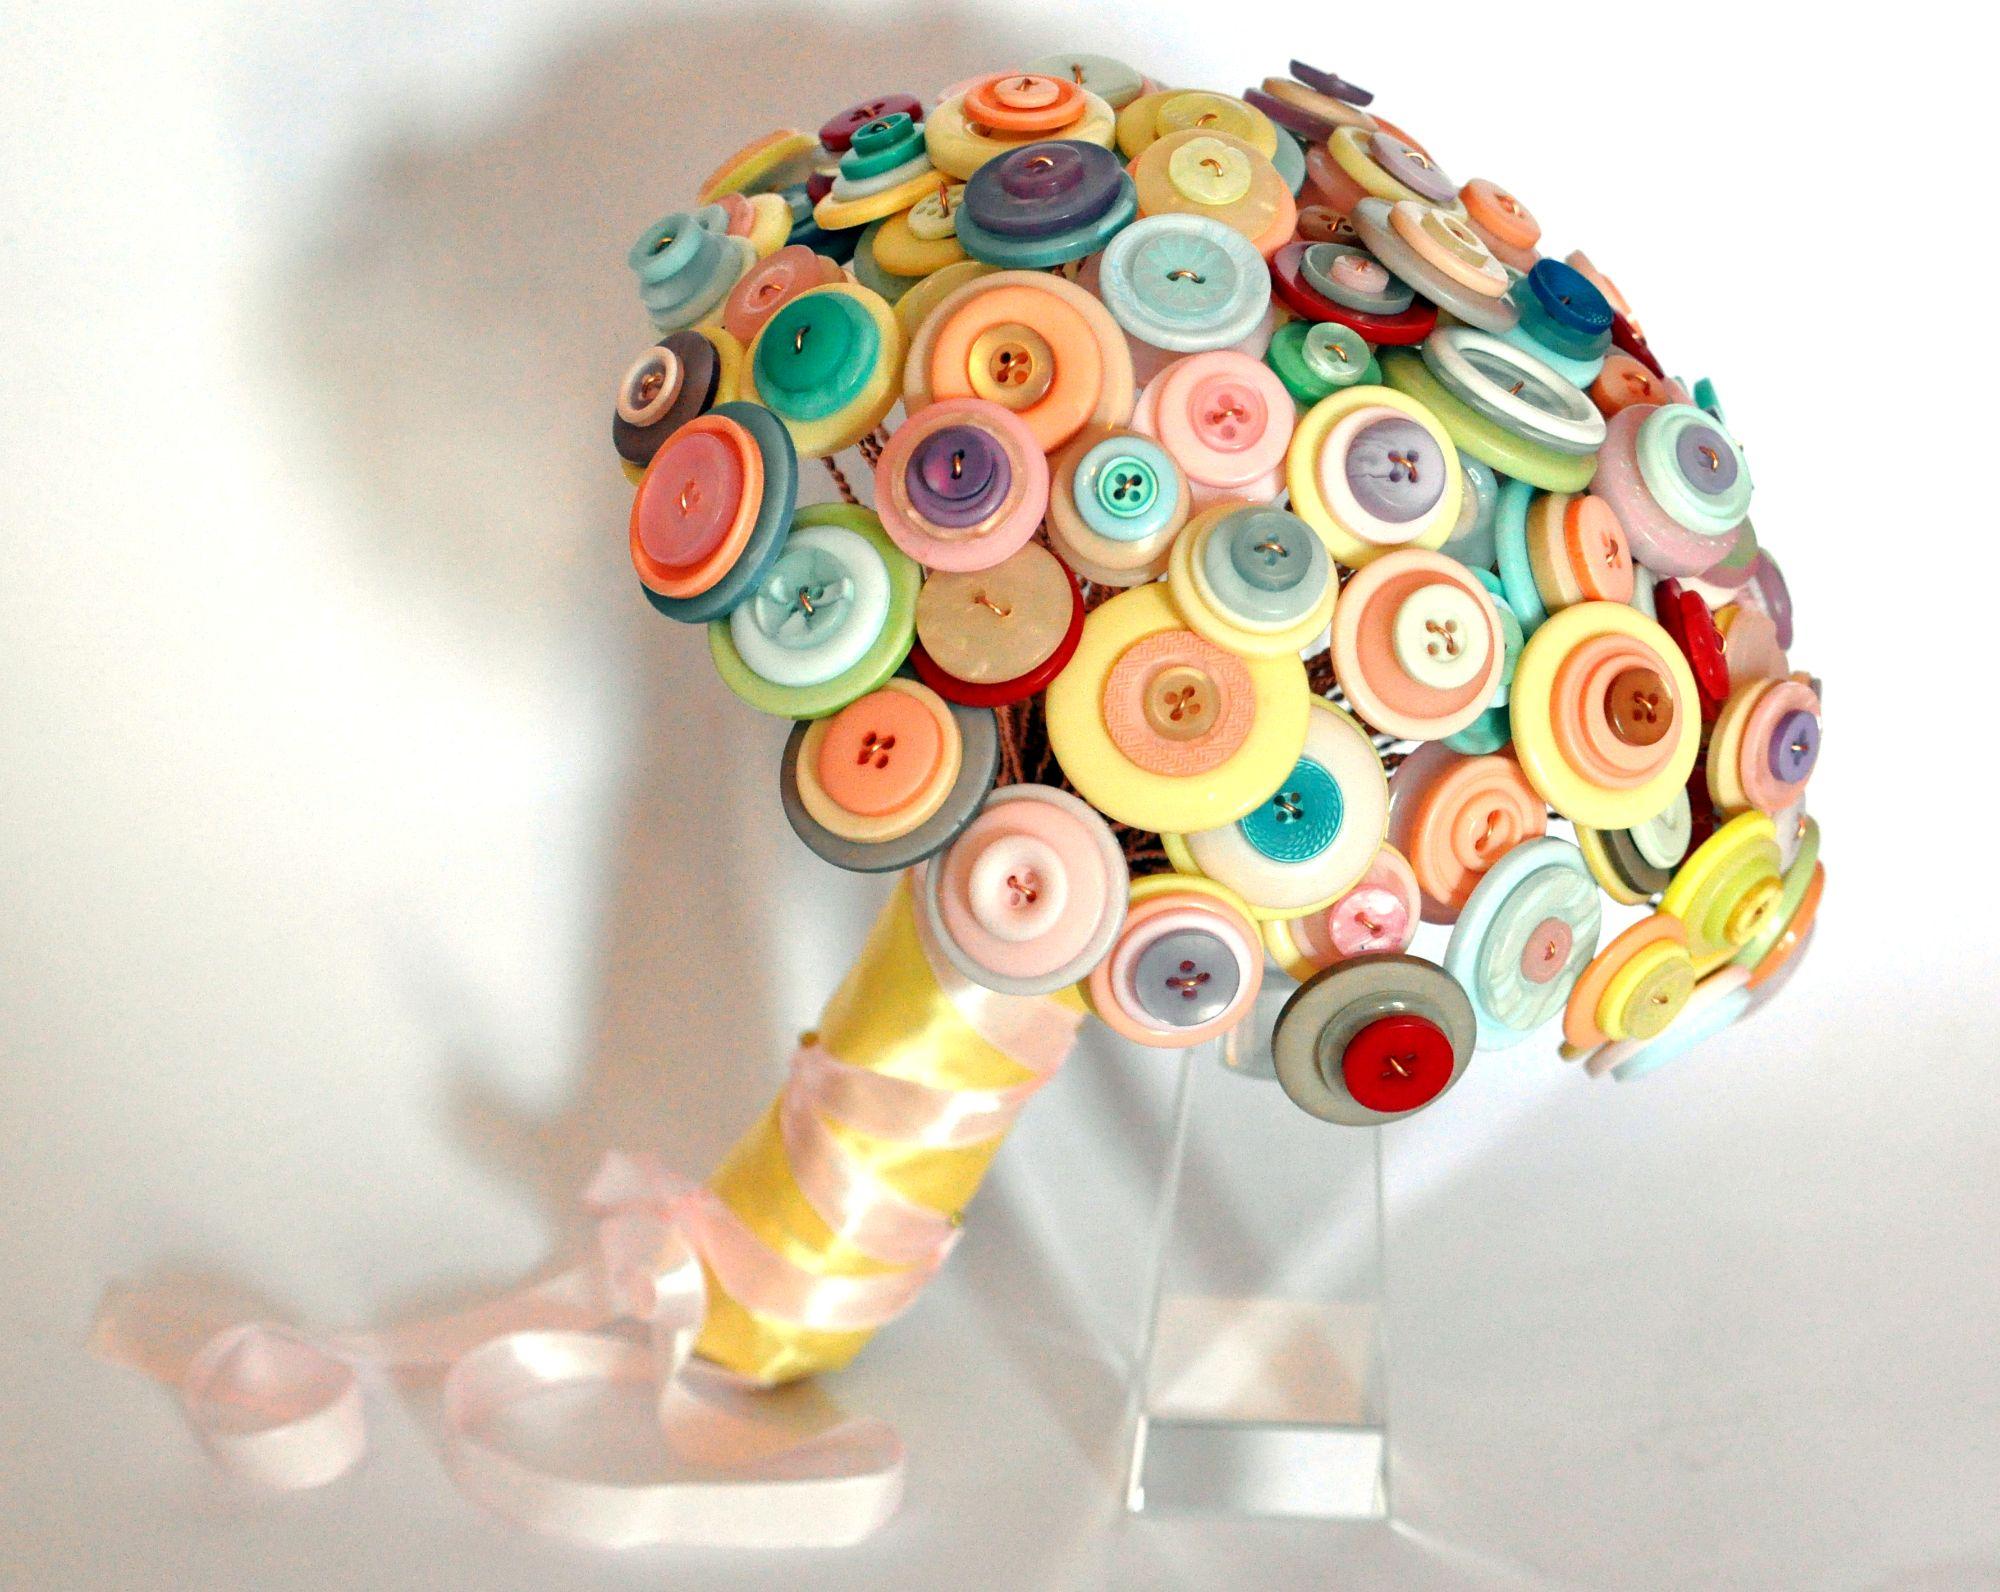 candy button bouquet 2.JPG